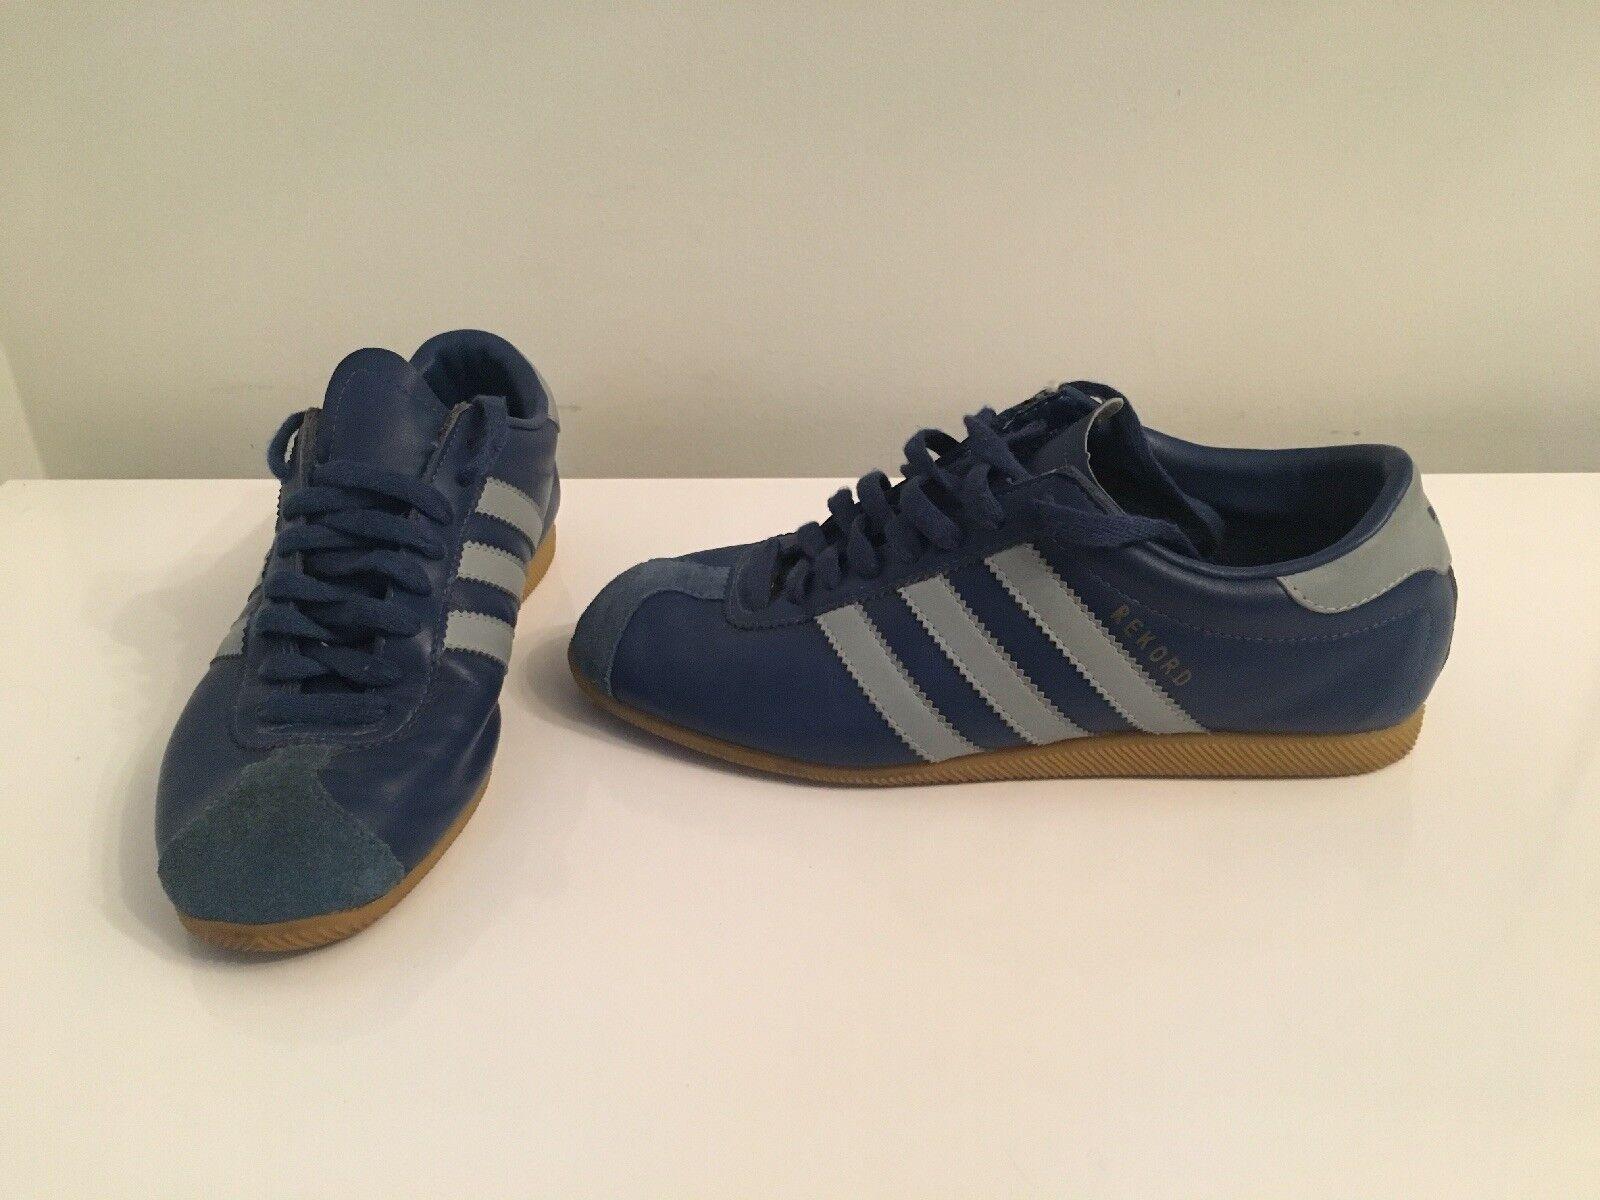 Genuine blu blu blu Unisex Adidas Scarpe Da Ginnastica REKORD calzature 2002 Retrò Taglia c8d3a8